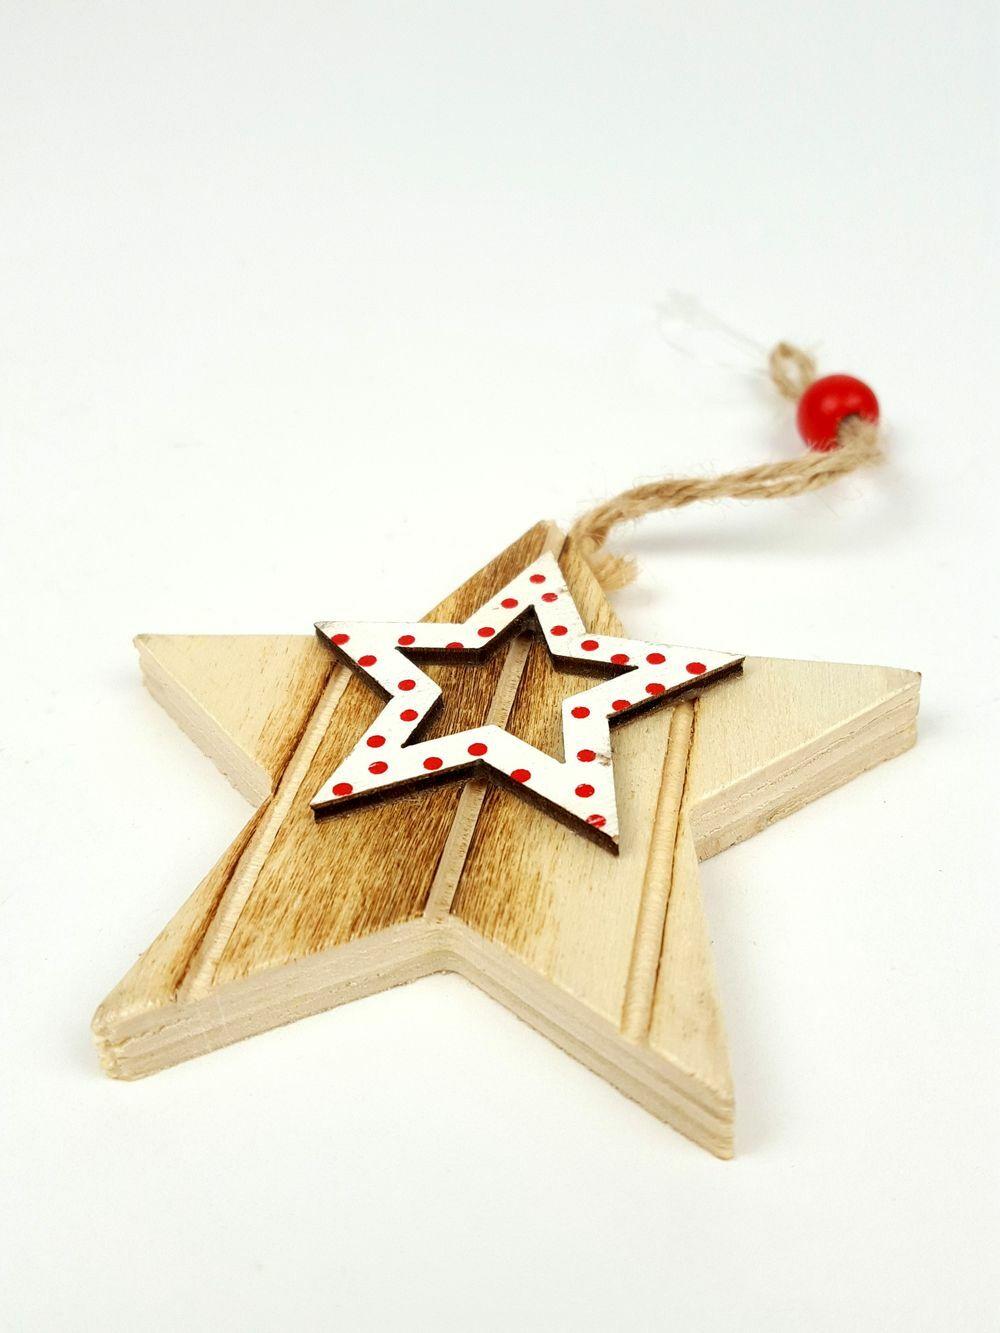 Akasztós fa csillag pöttyös középpel - Fehér